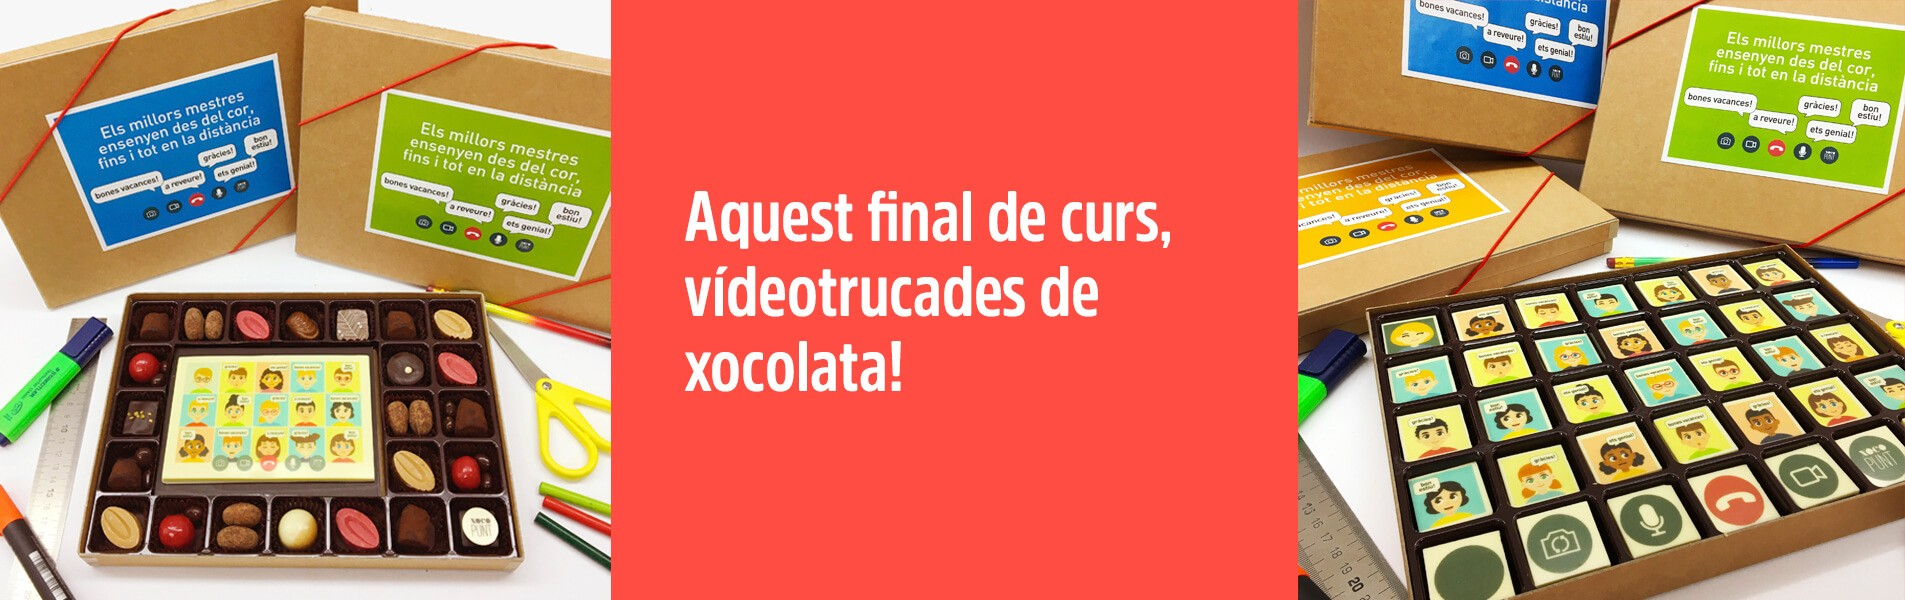 FINAL DE CURS - Vídeotrucades